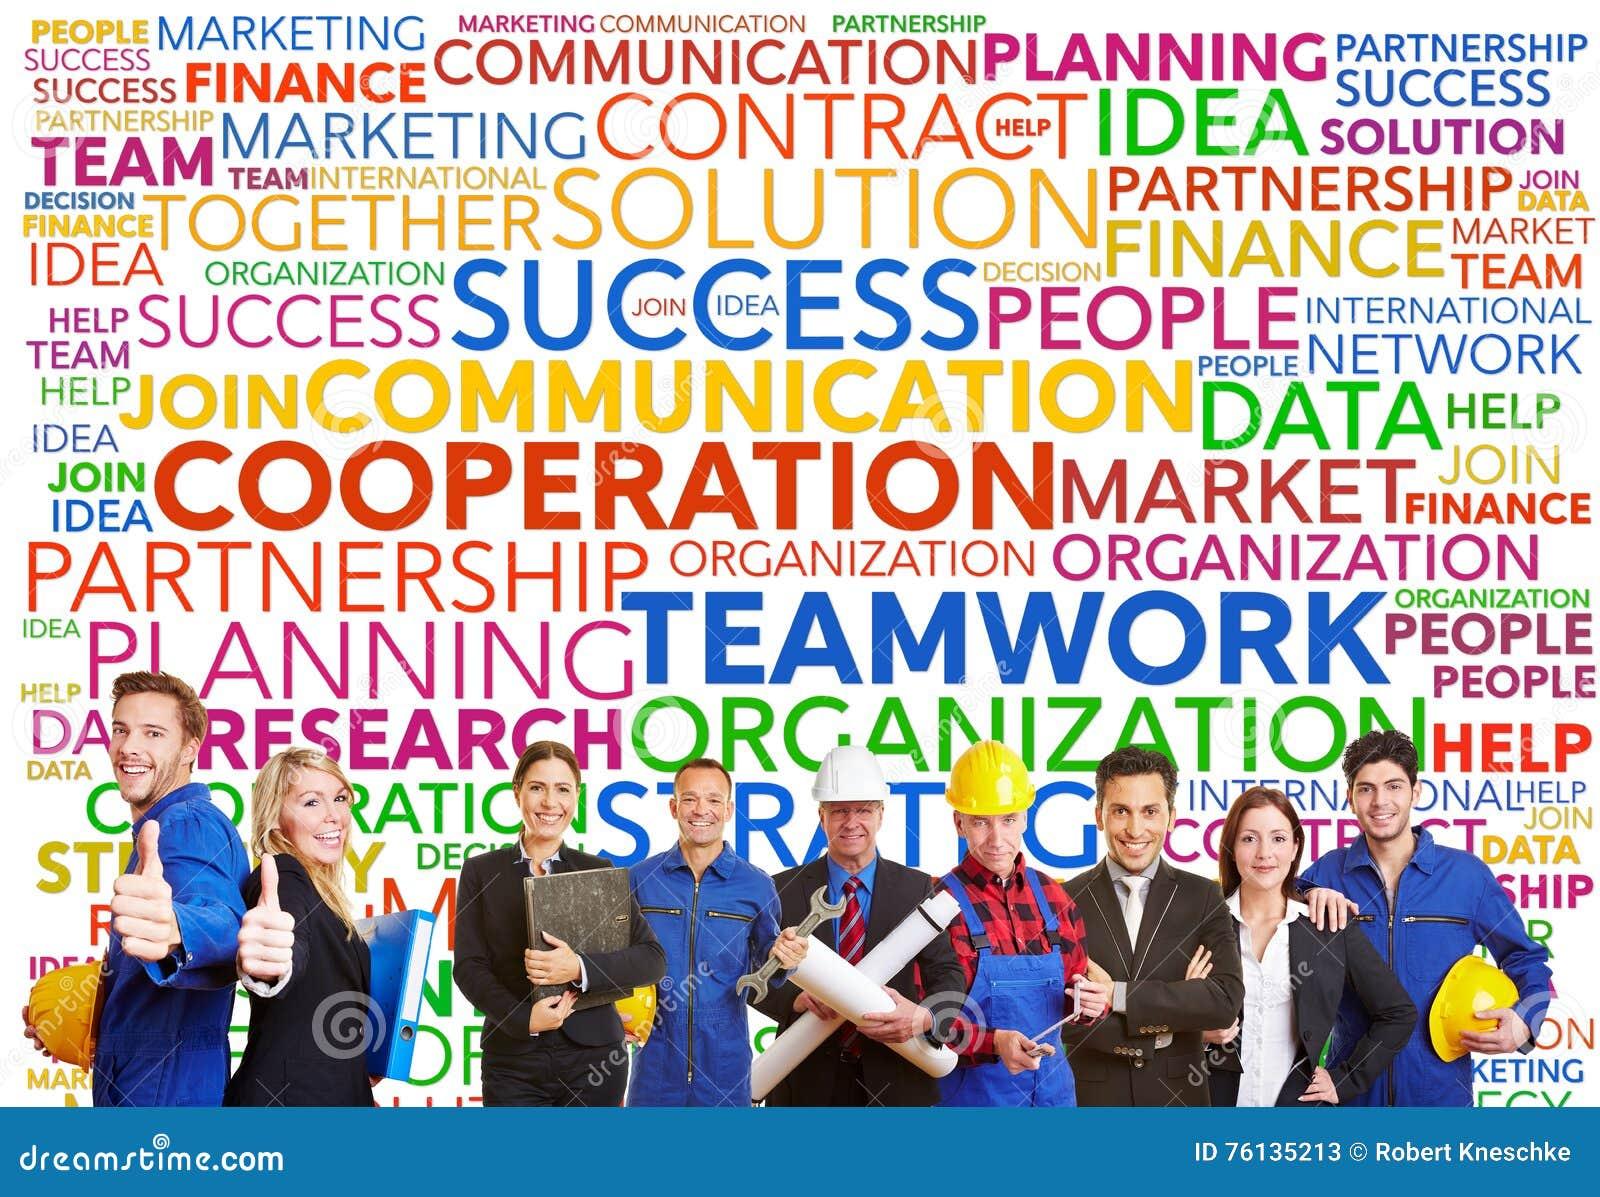 Teamworketikettsmoln med olika arbetare